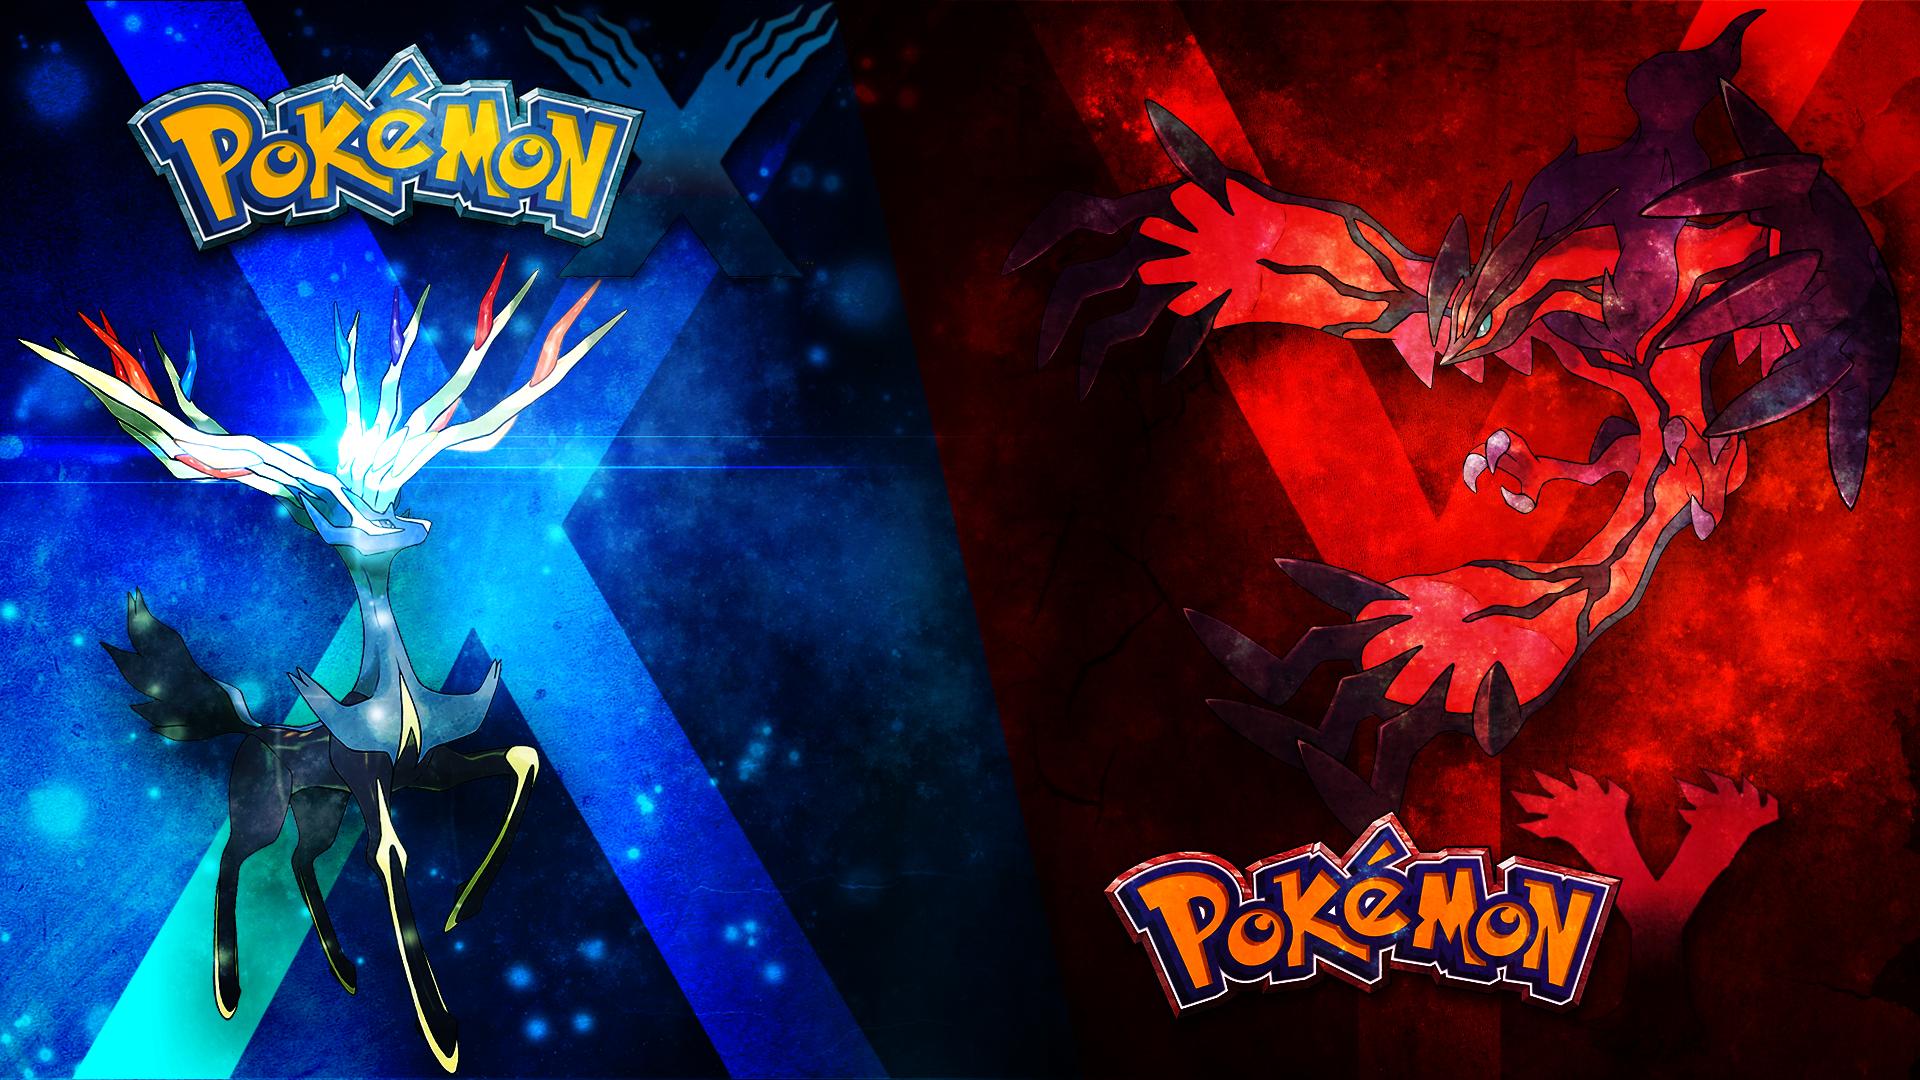 pokemon x y wallpaper by darkigfx fan art wallpaper games 2013 2015 1920x1080